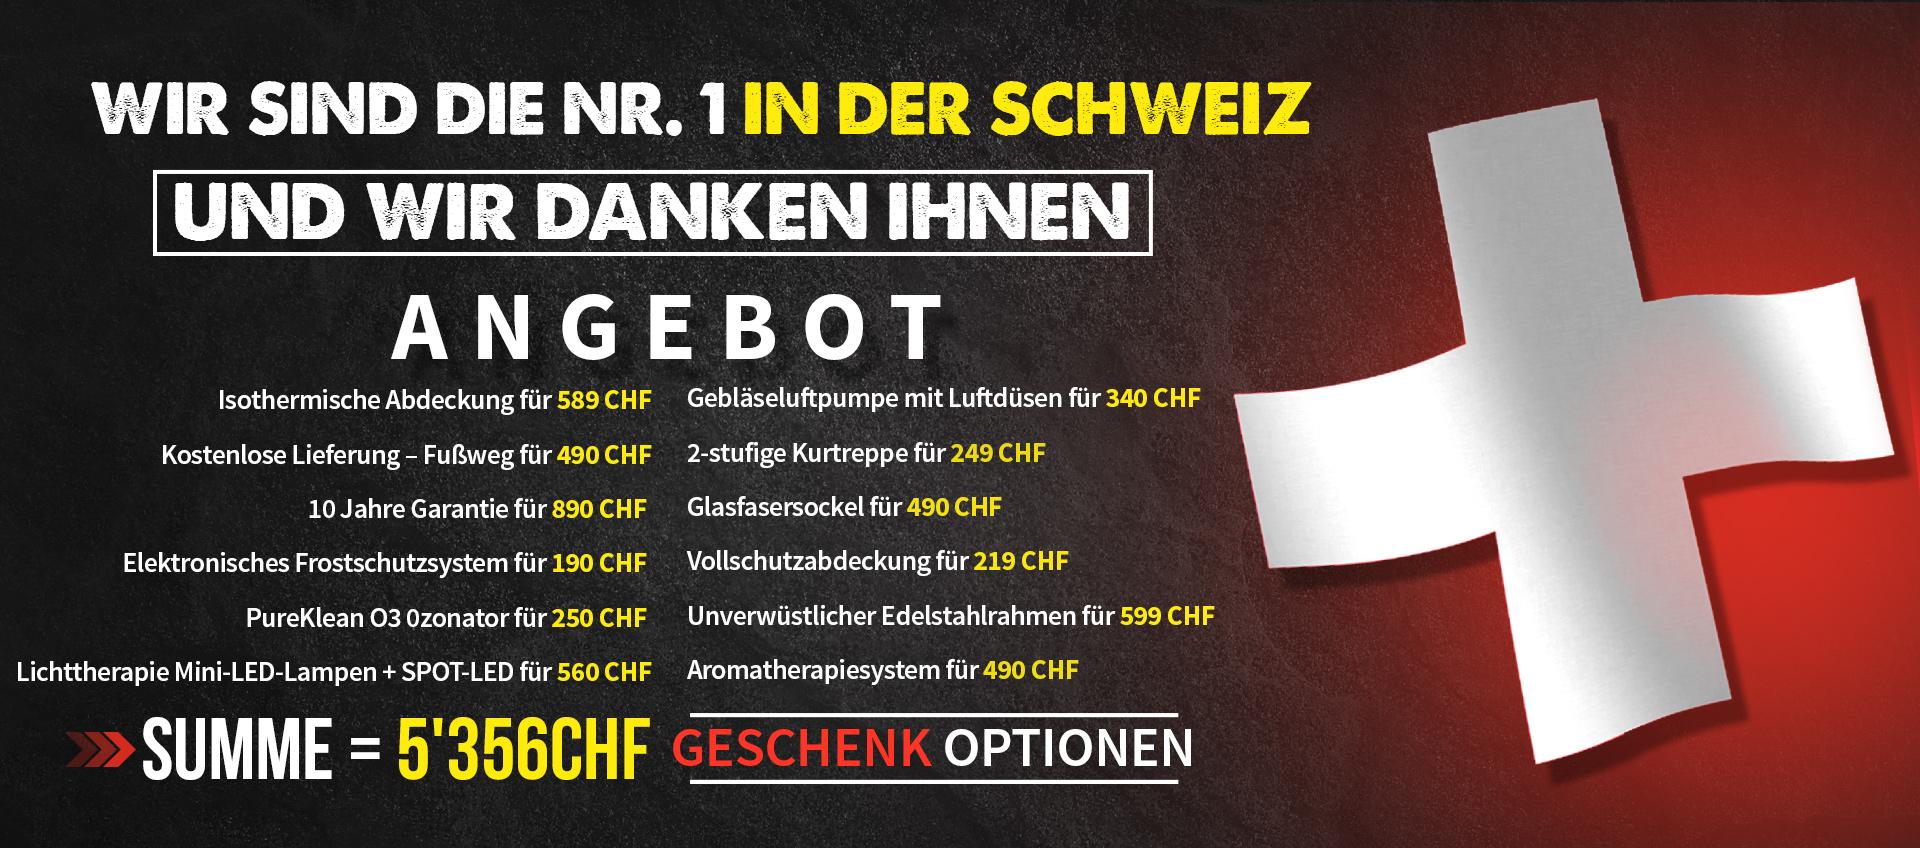 Swiss-Gift